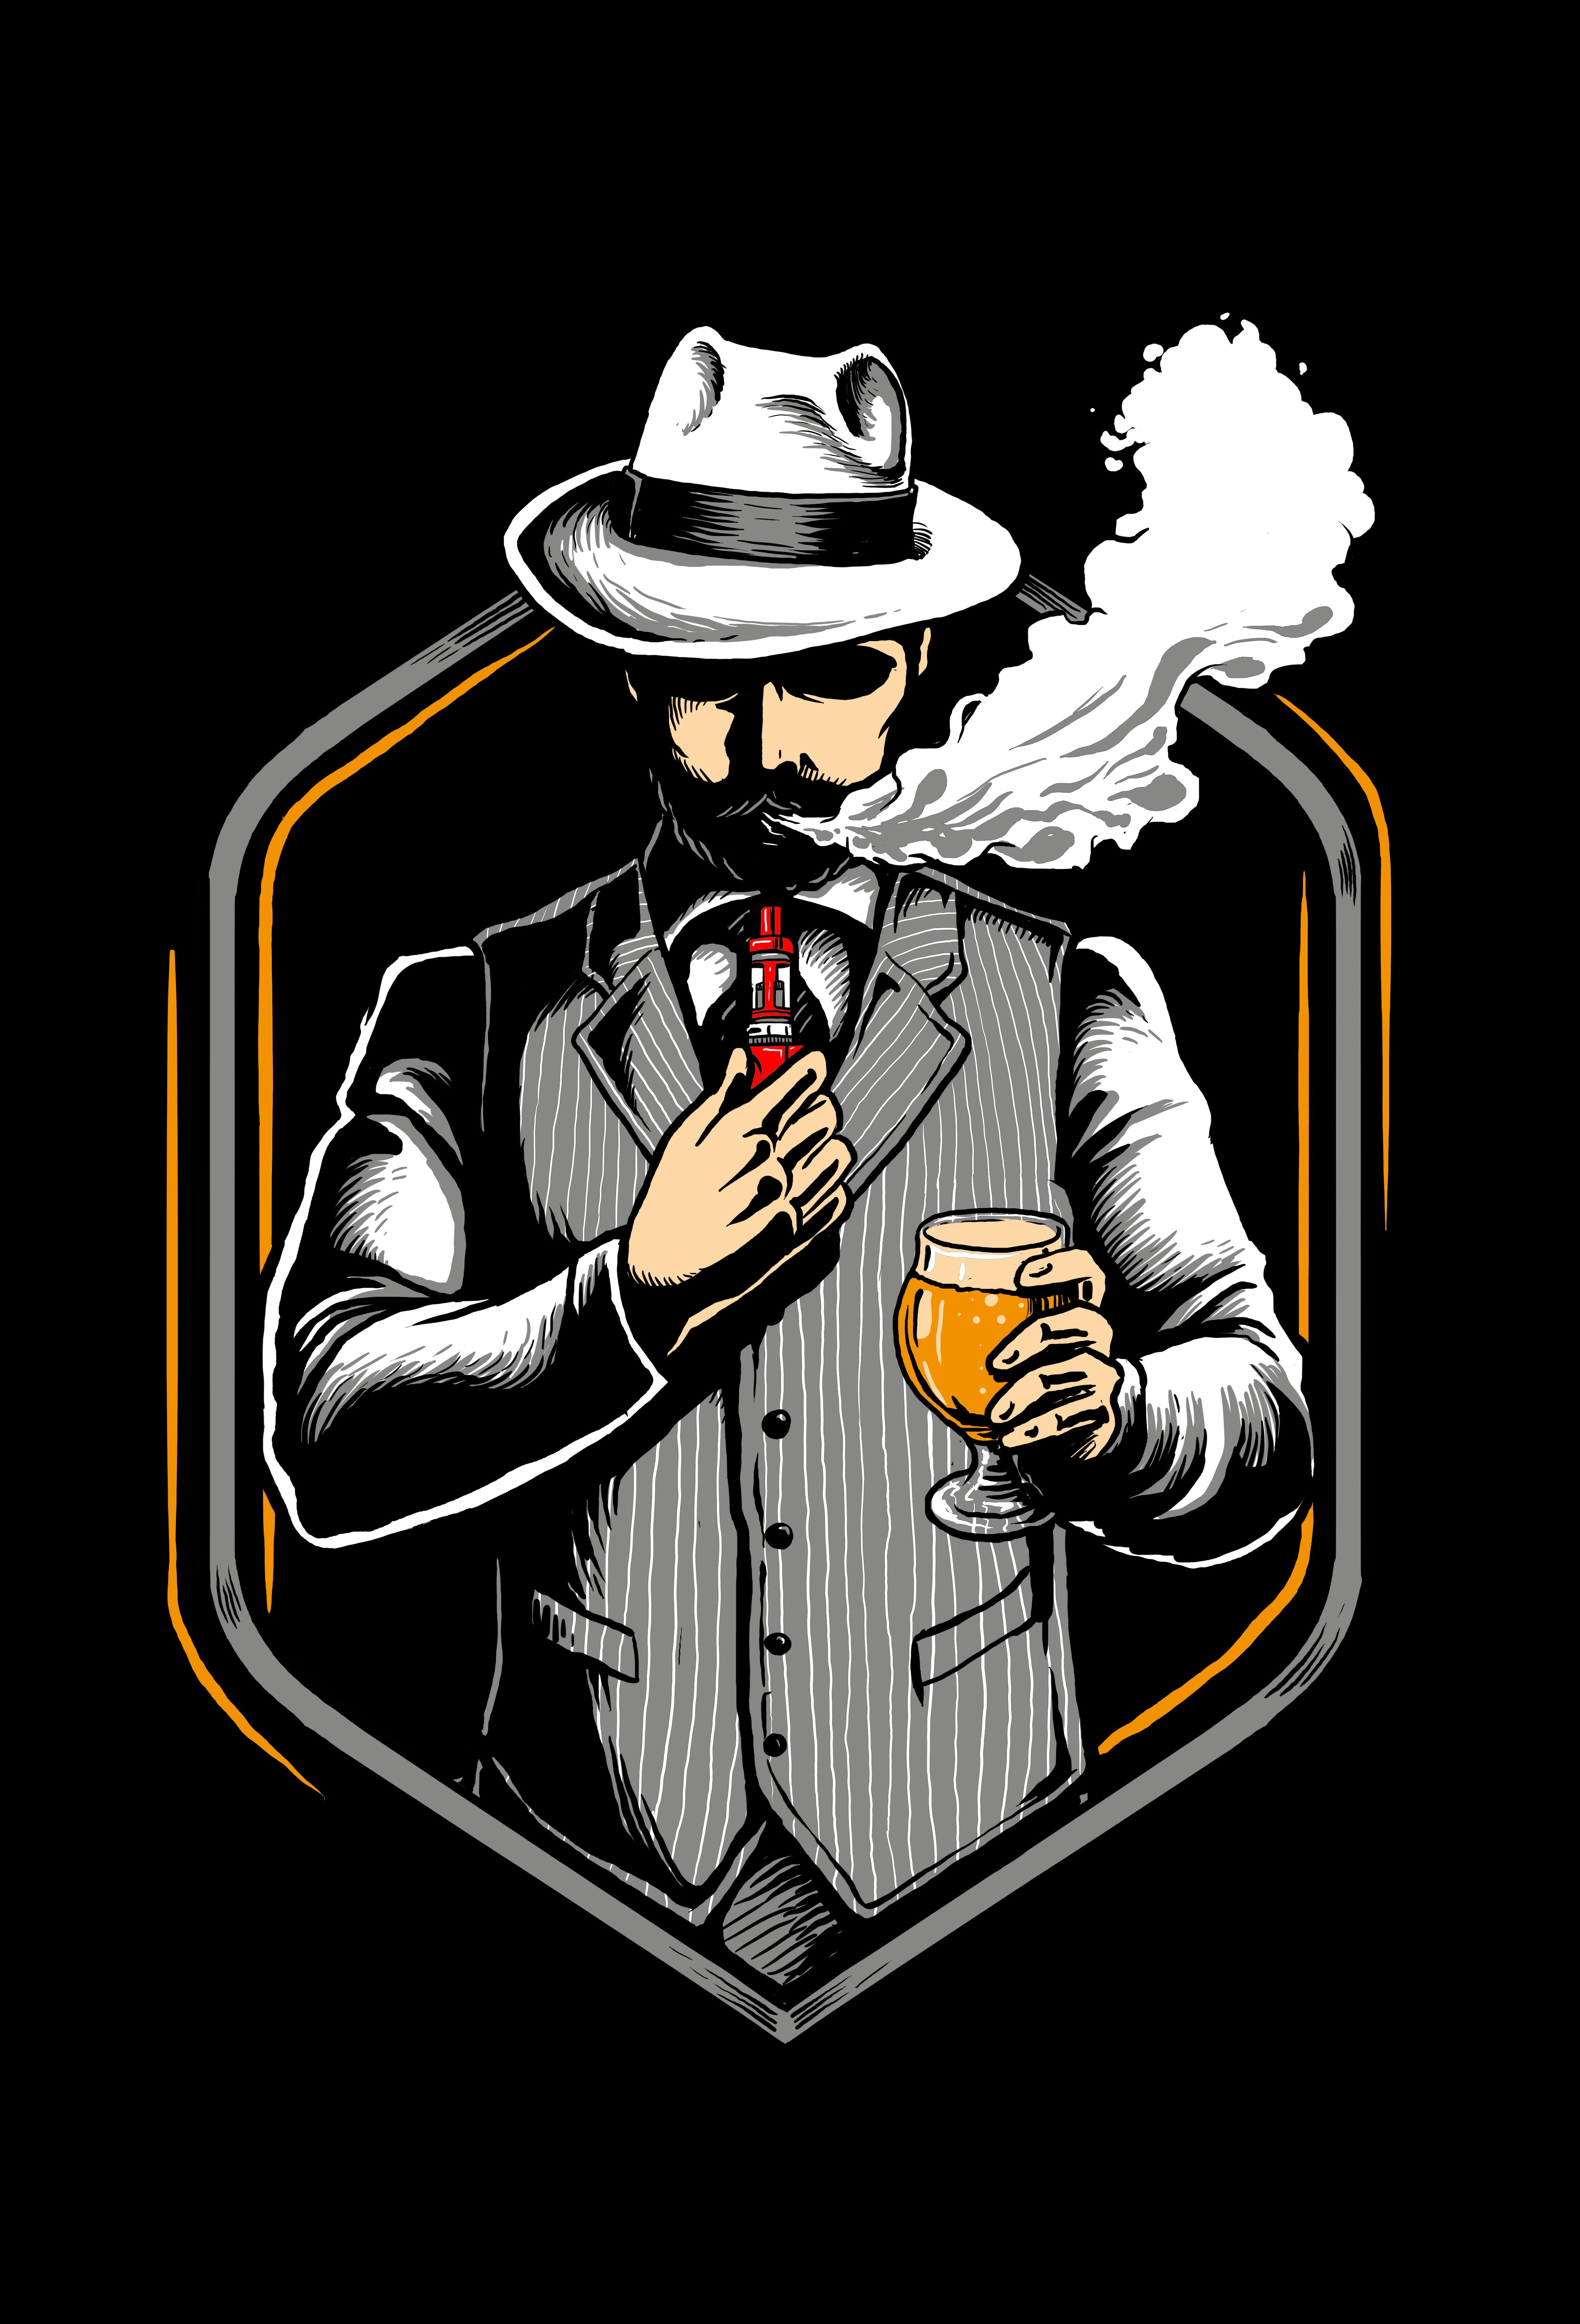 Vape Pub shirt 30s style